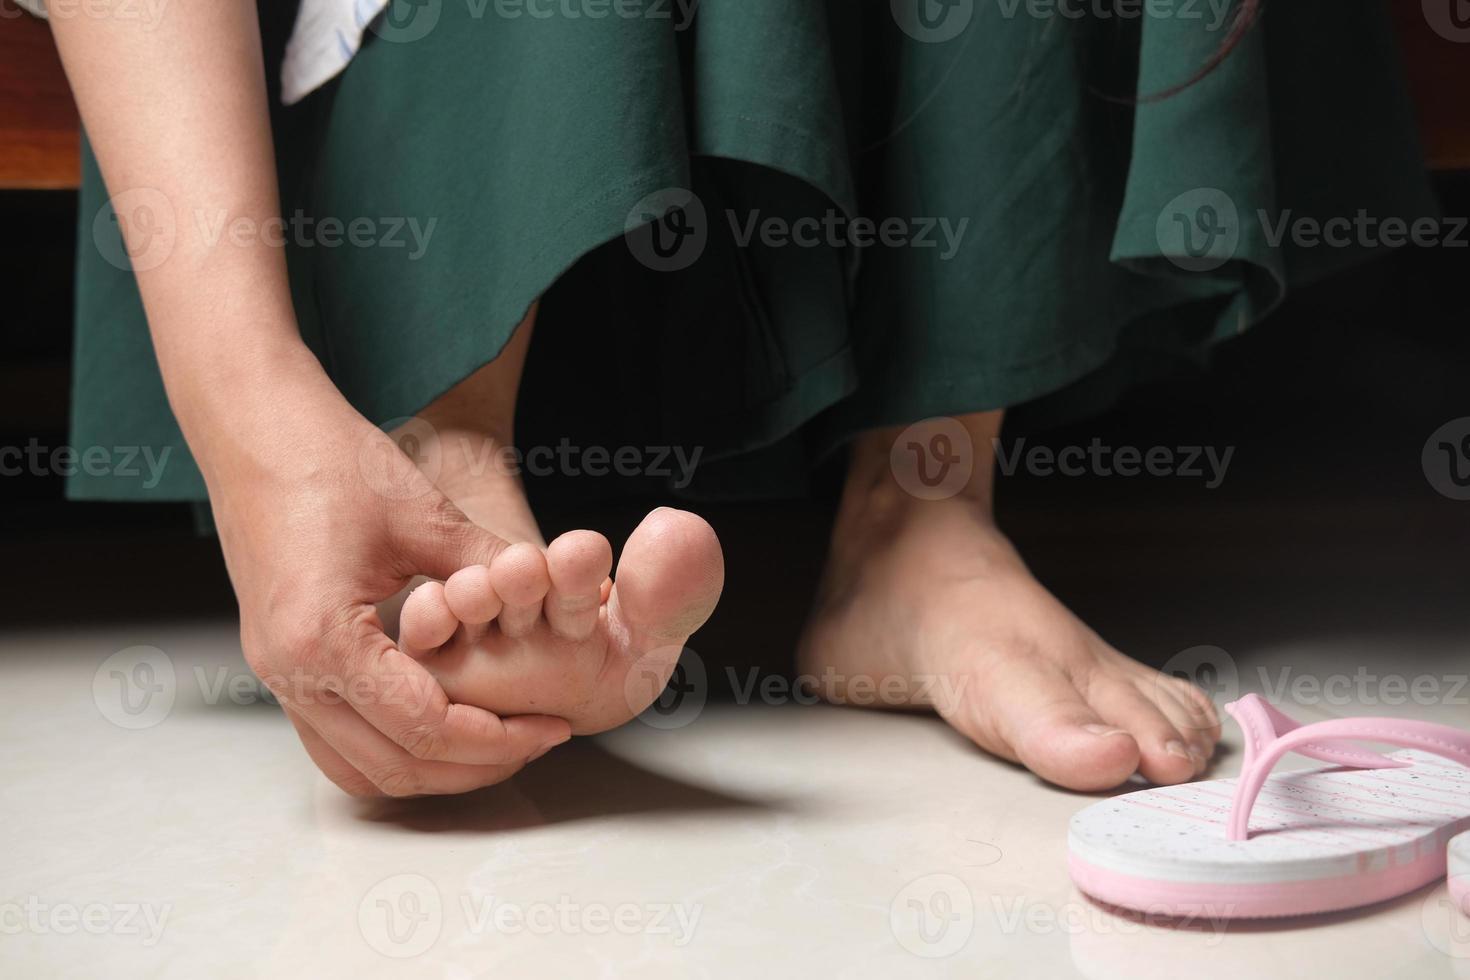 vrouw voeten masseren foto